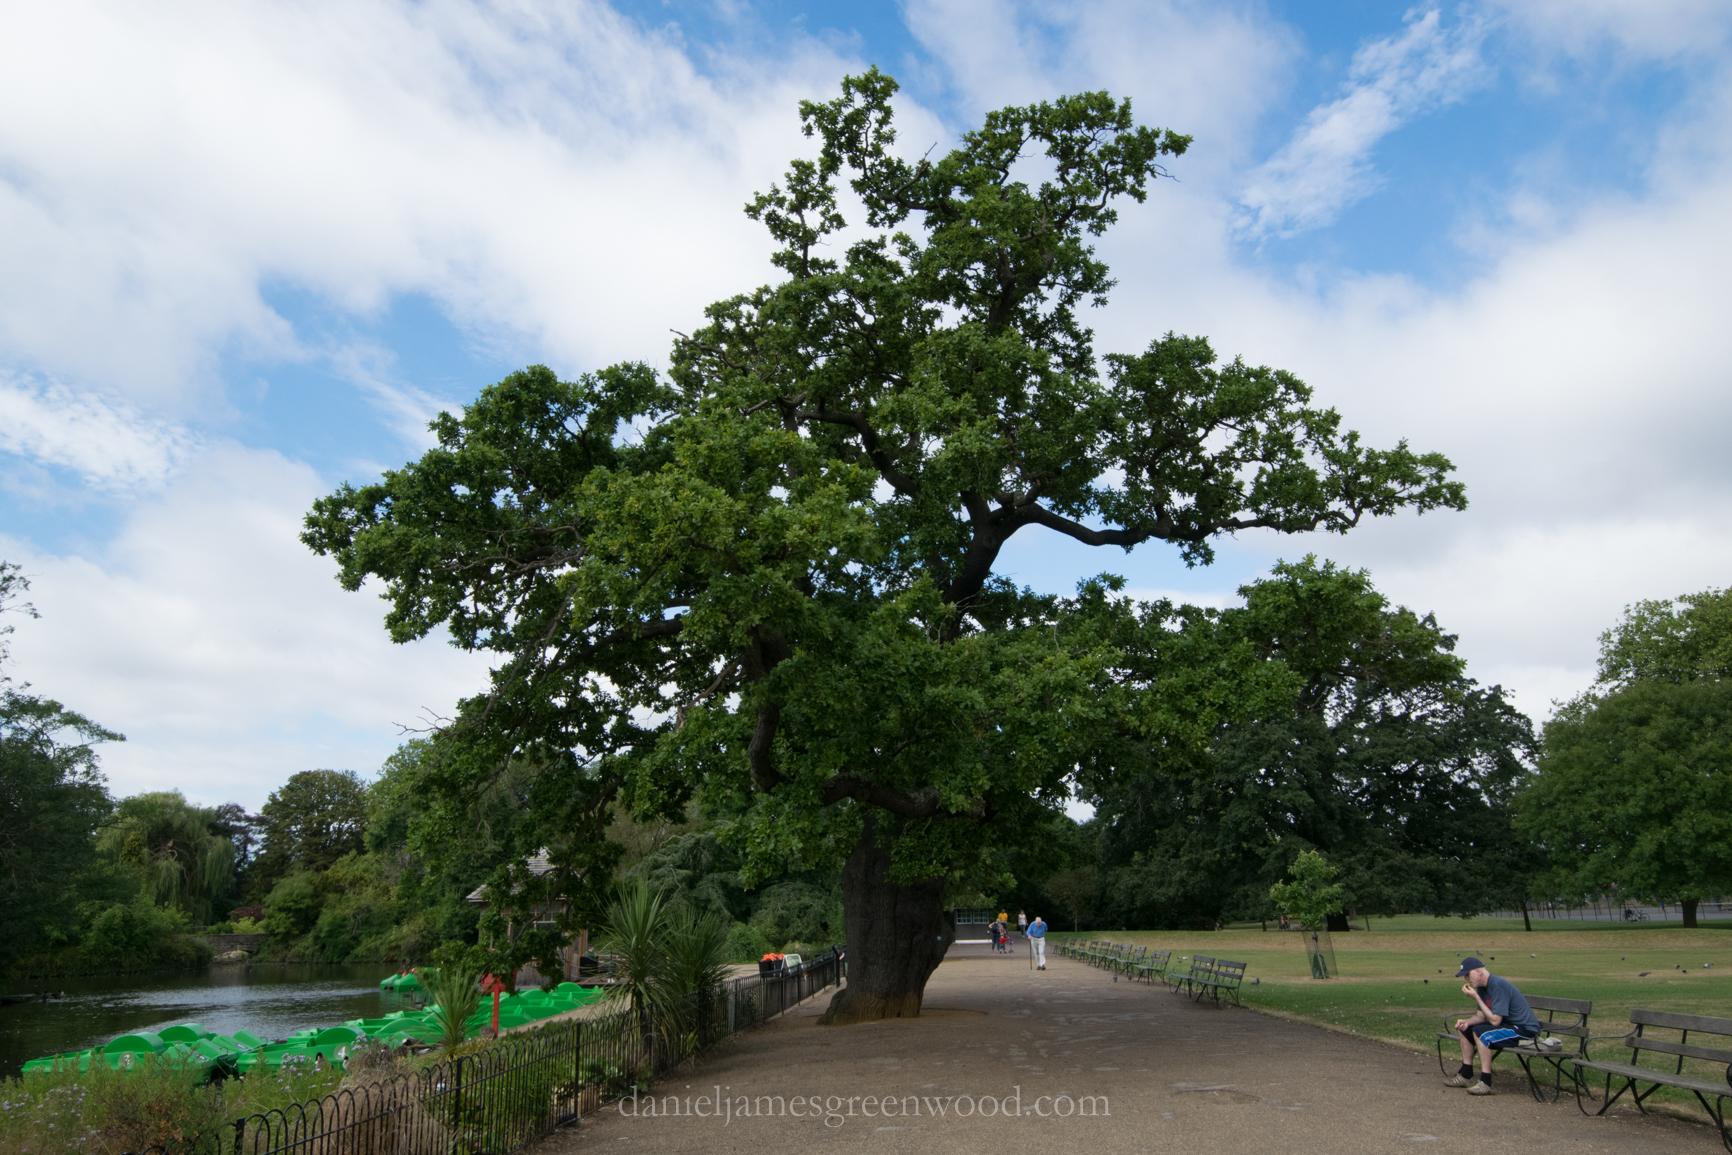 dulwich-park-oaks-22-8-16-lo-res-26